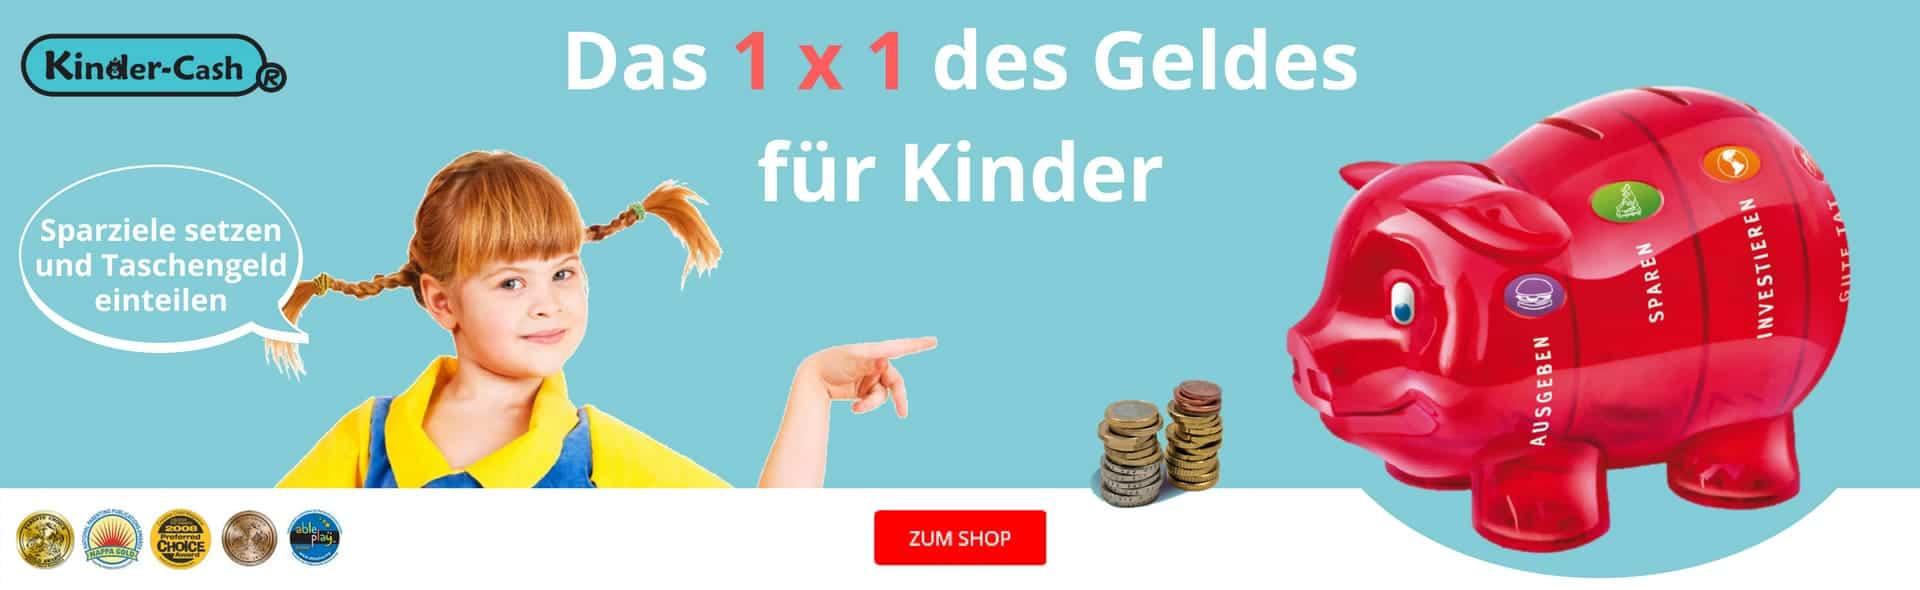 Kinder-Cash Sparen lernen